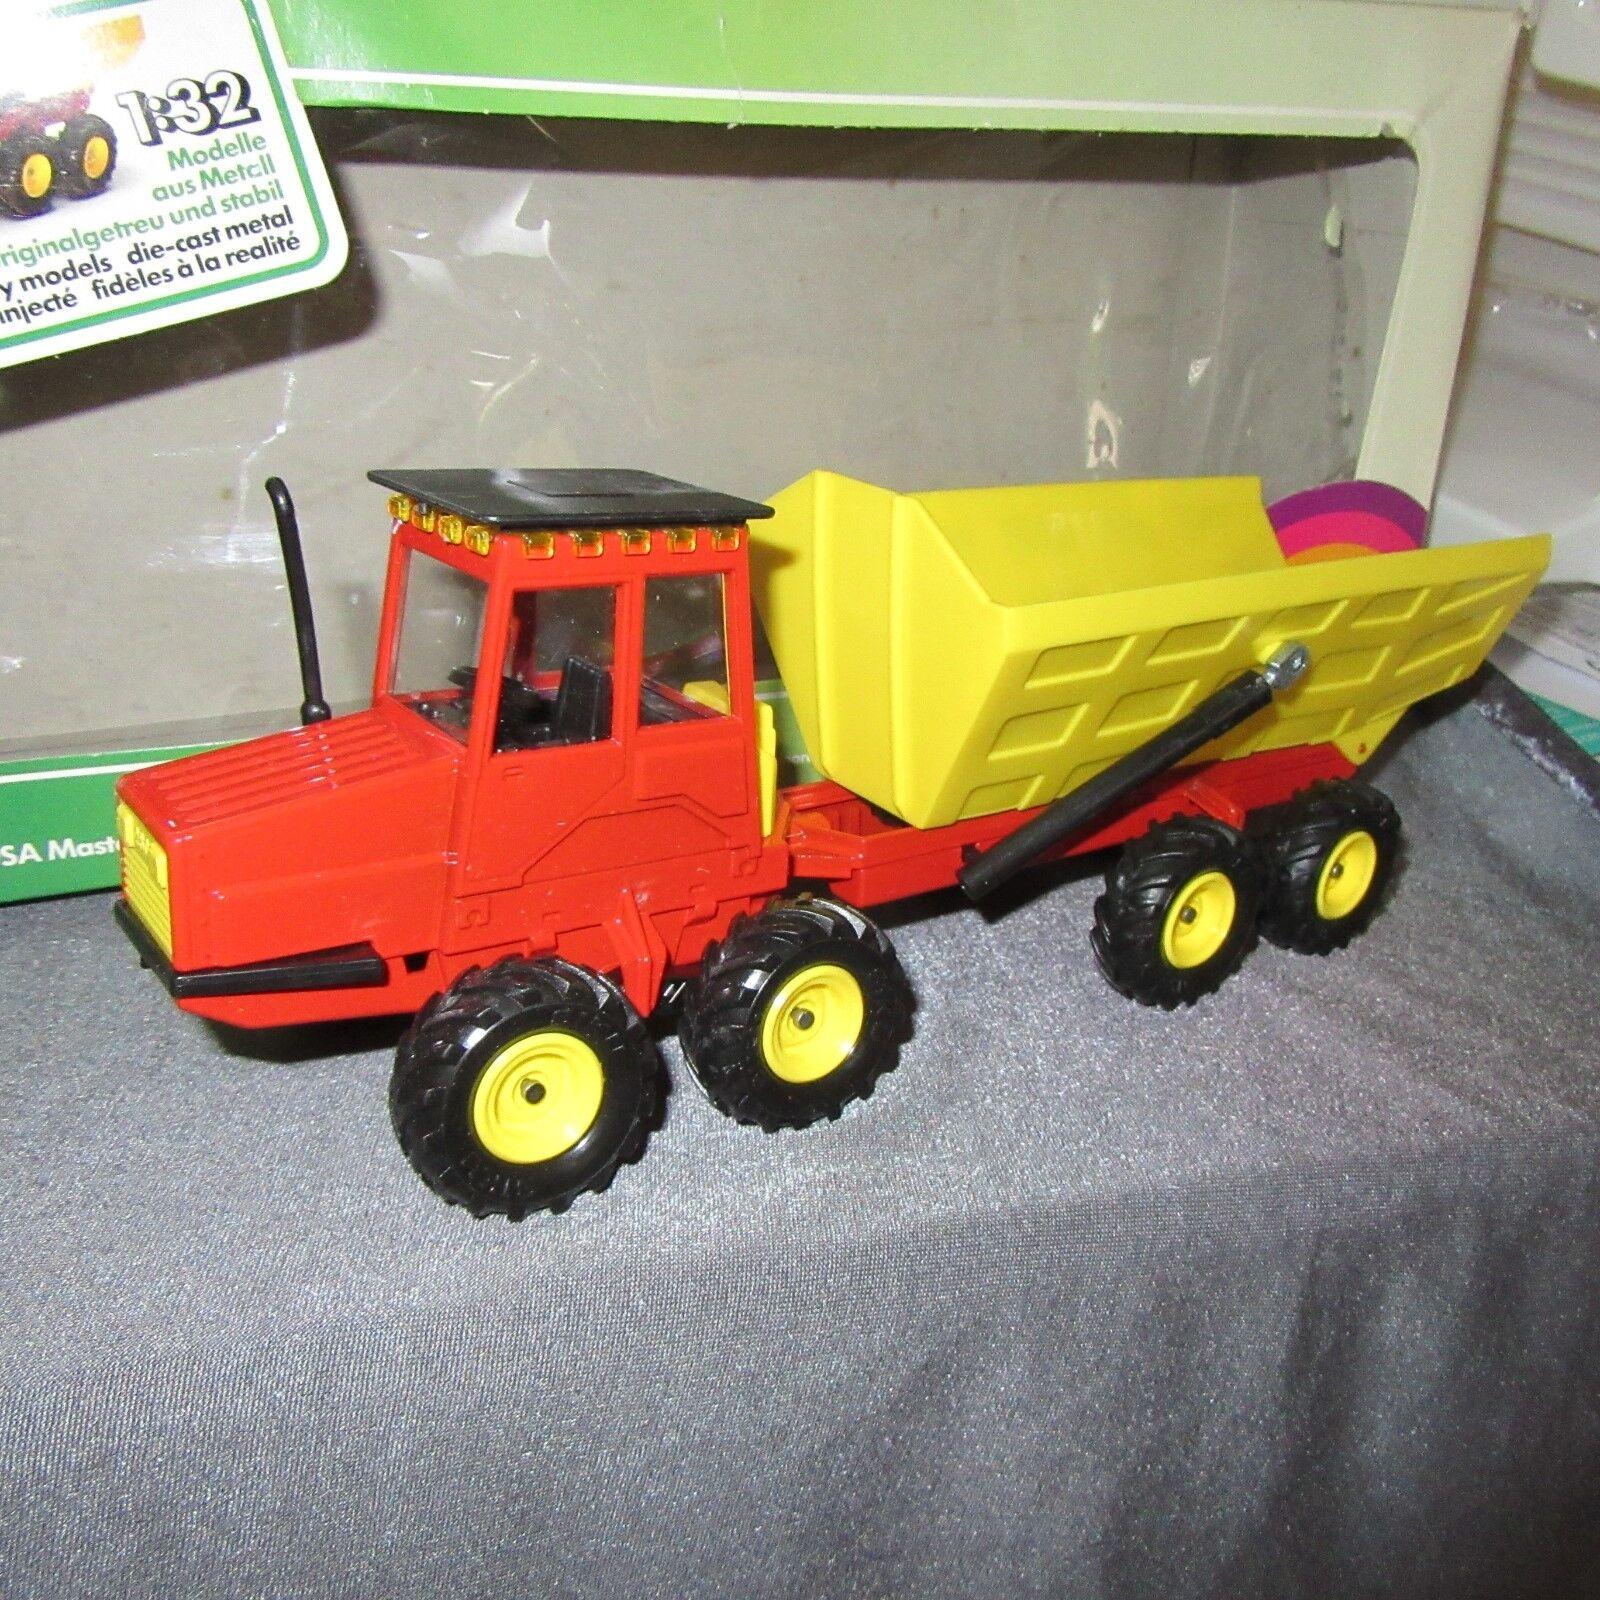 856E Vintage Siku 3452 öSA Master Muldenkipper 1 32 Tracteur